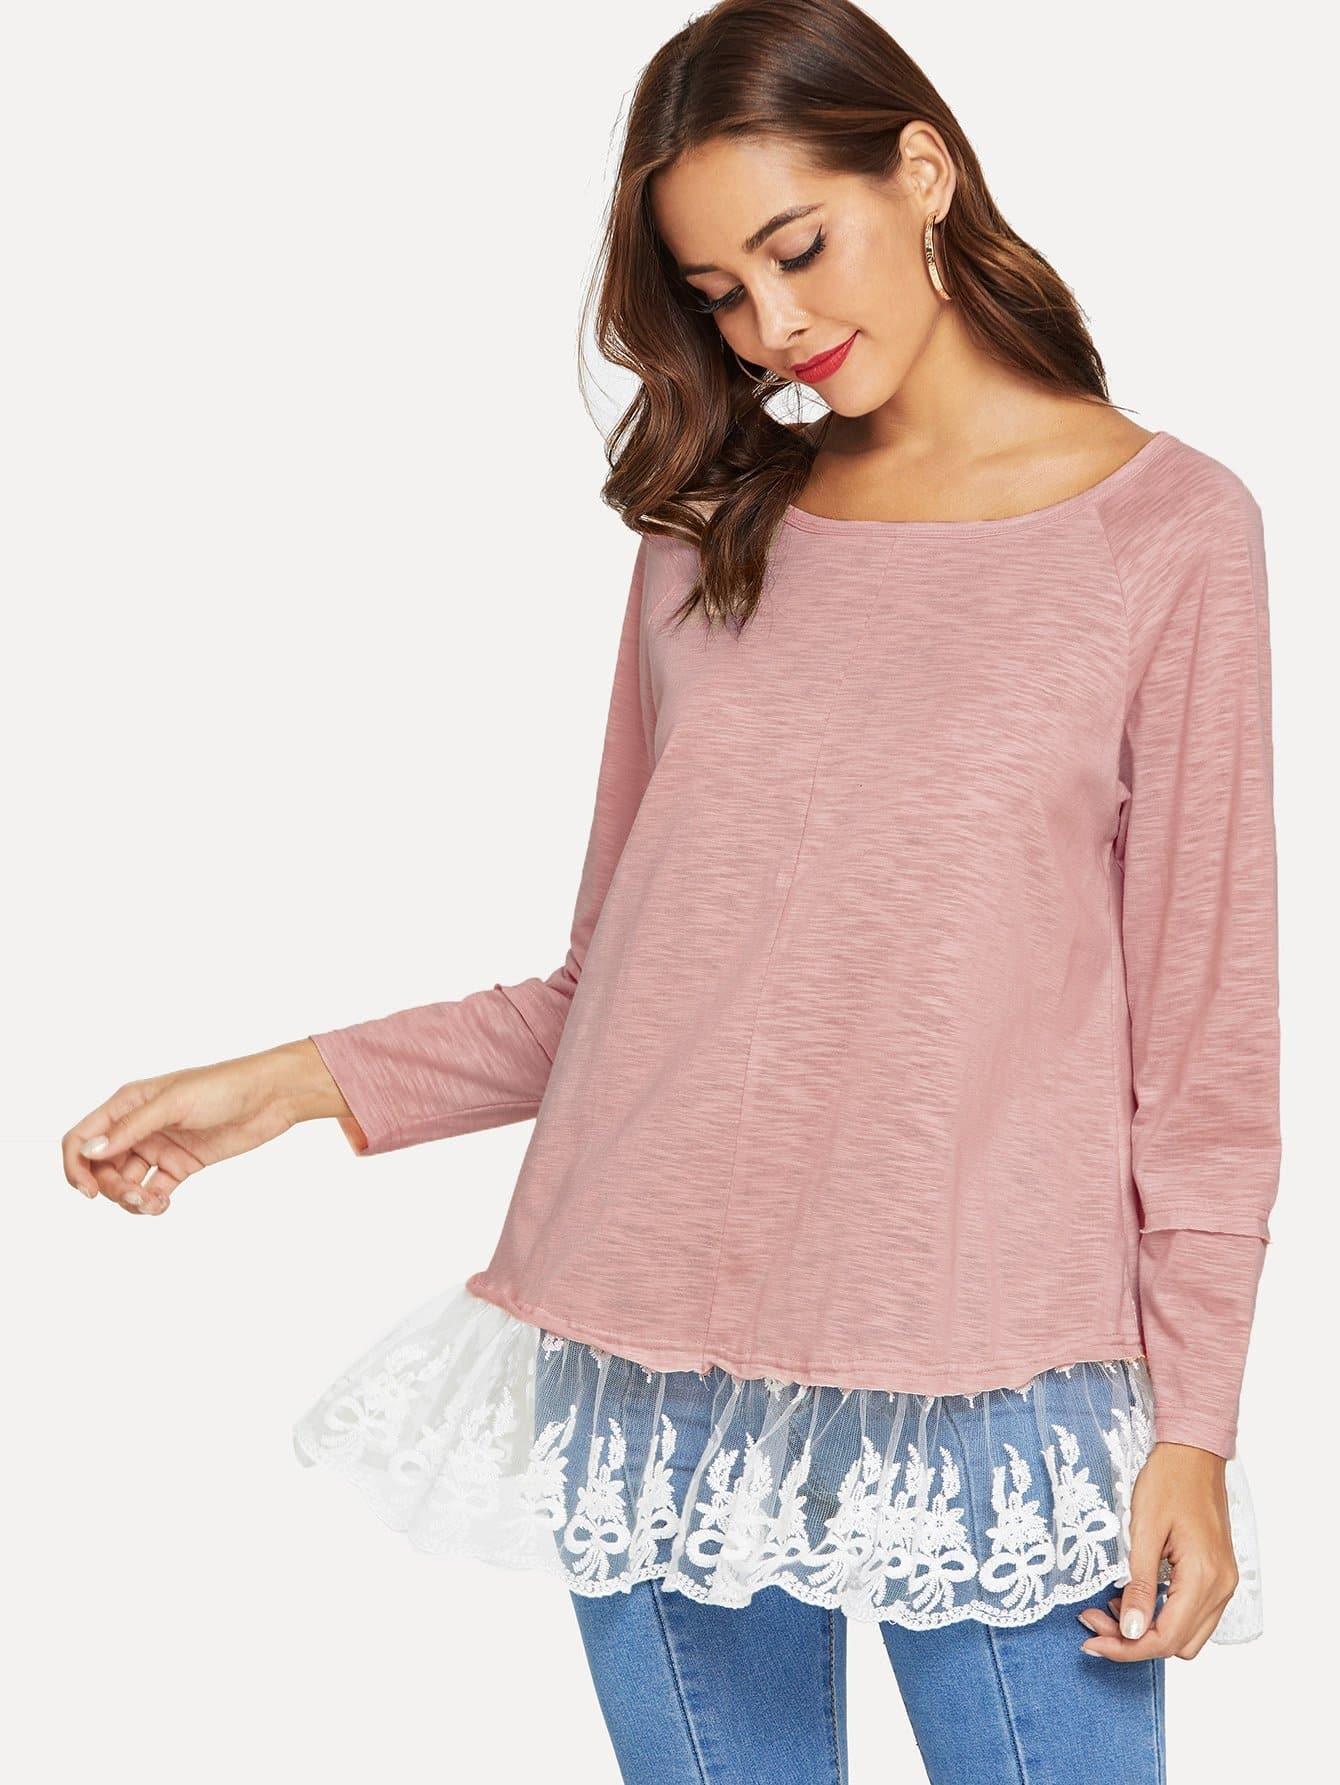 Купить Элегантный стиль Одноцветный Контрастные кружева Розовый Футболки, Giulia, SheIn